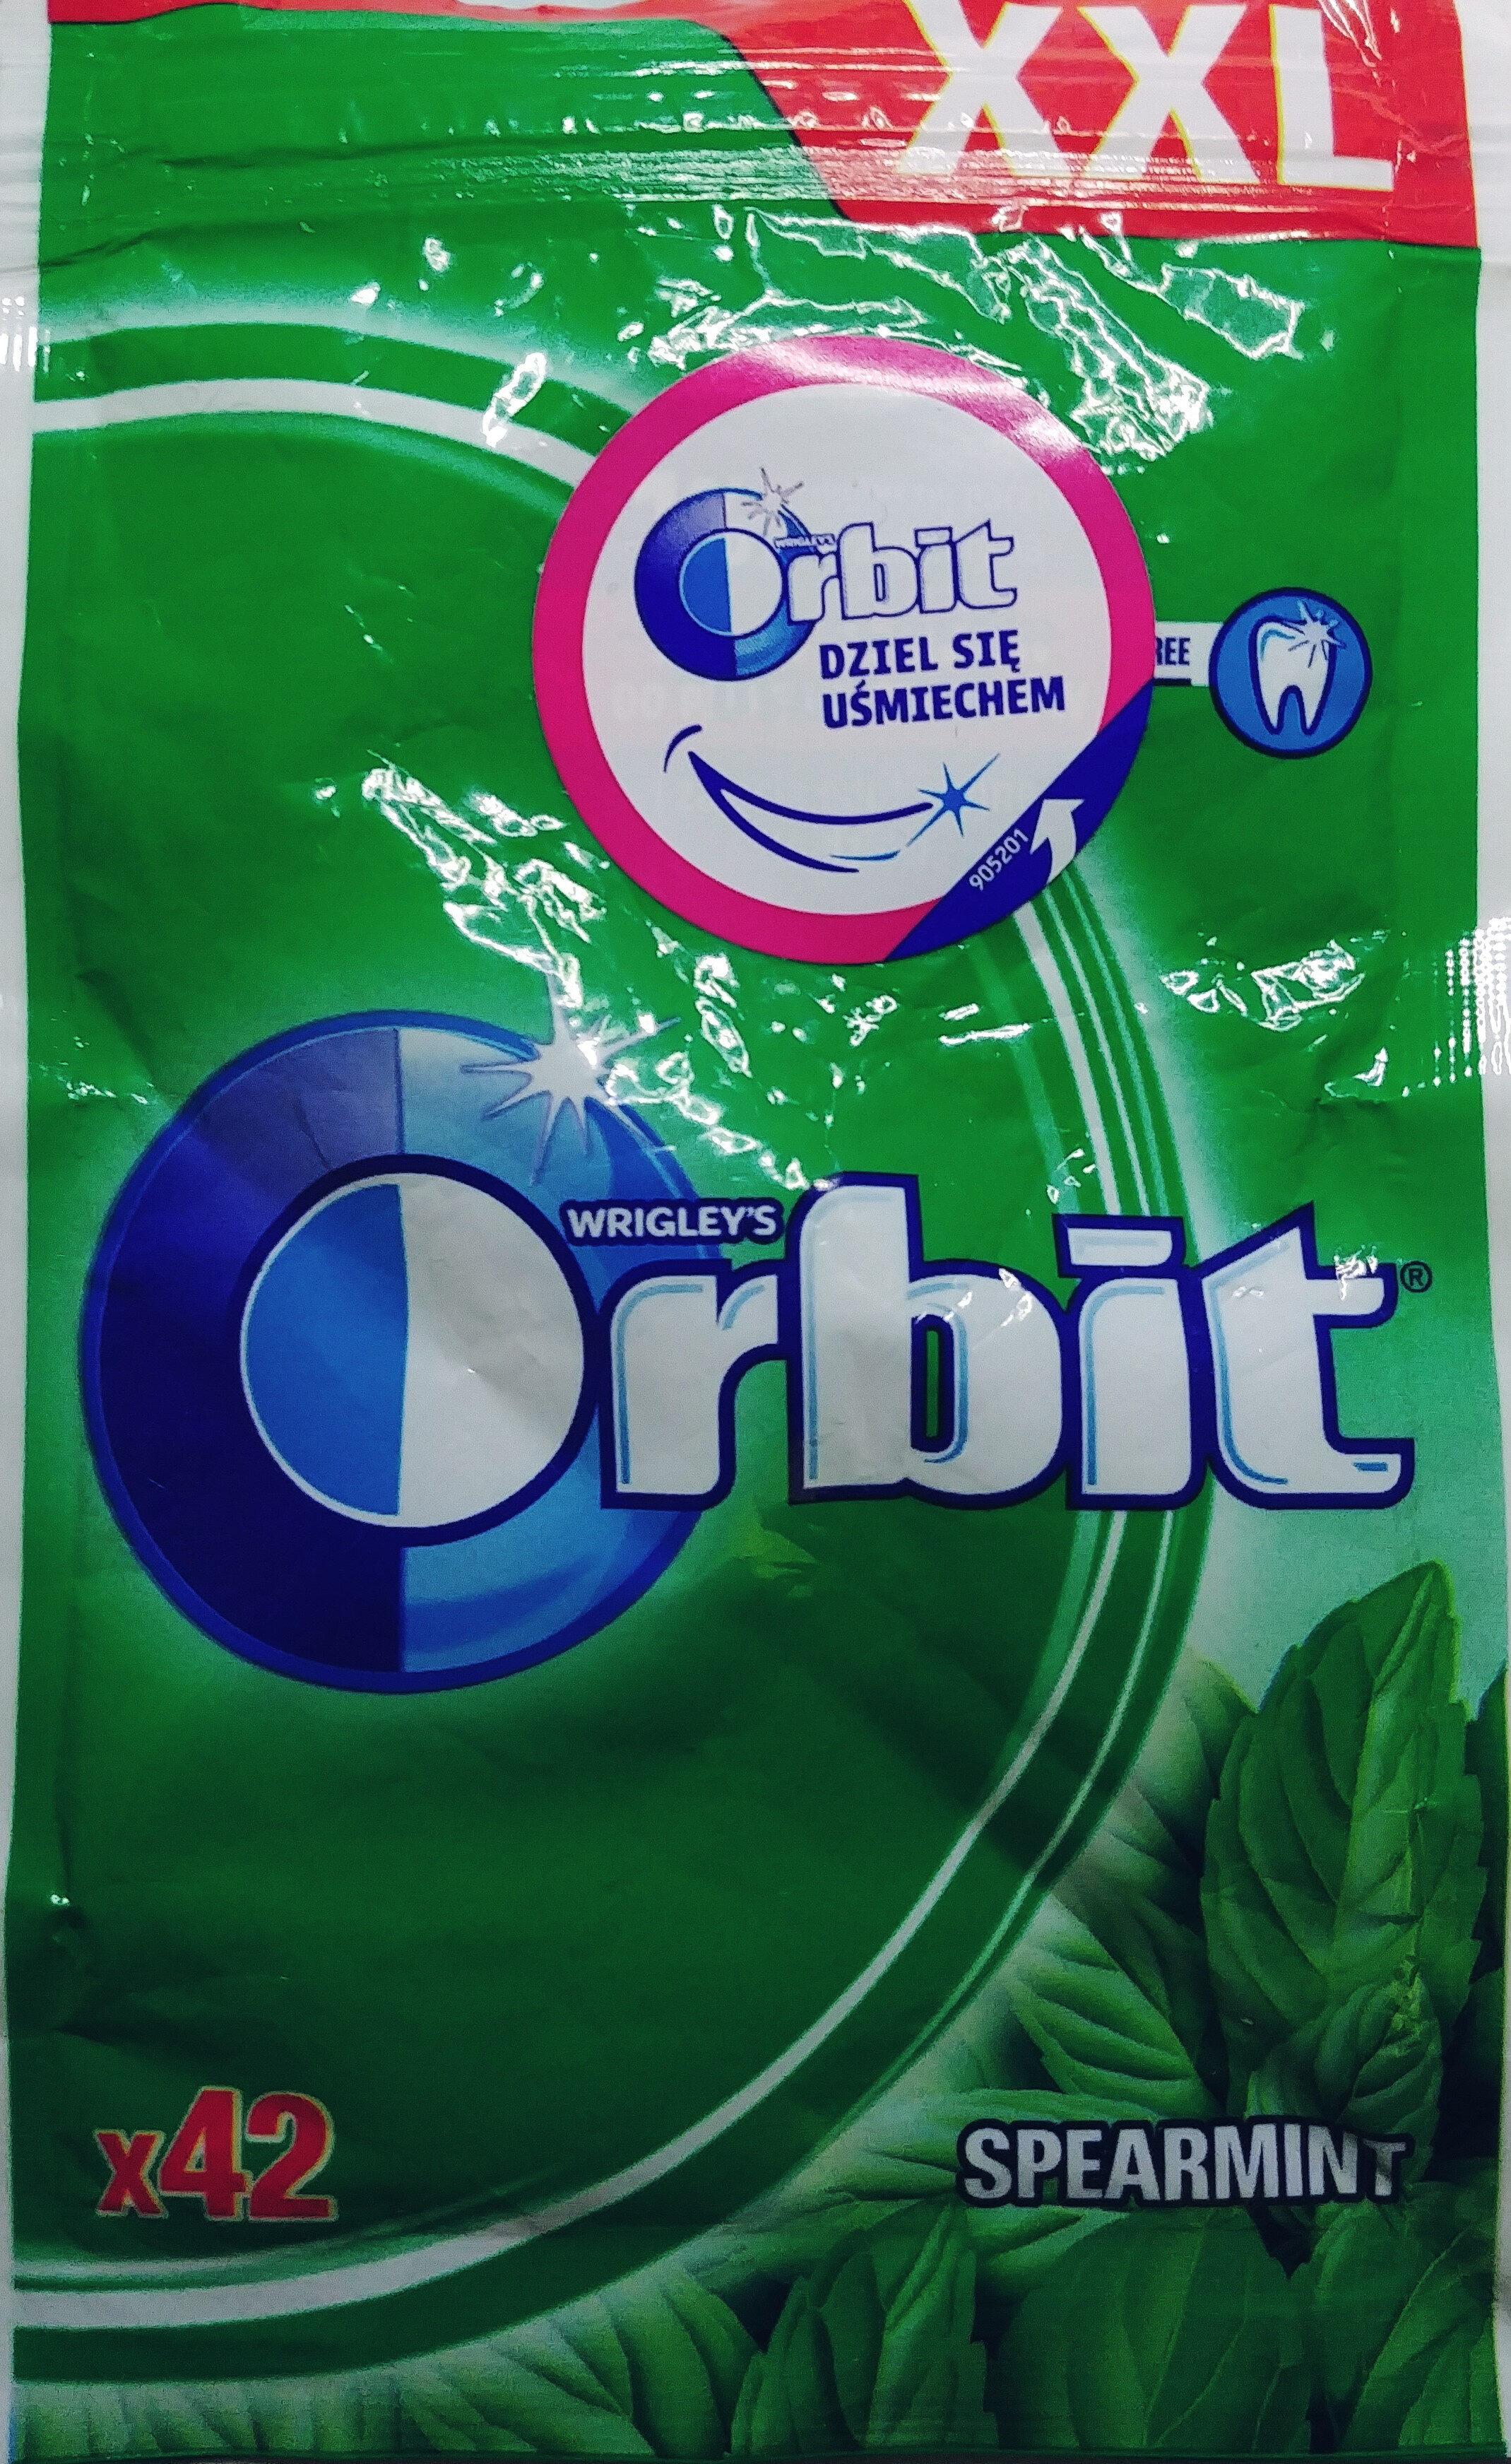 Orbit Spearmint XXL Sugarfree Chewing Gum 58 G (42 Pieces) - Produkt - pl